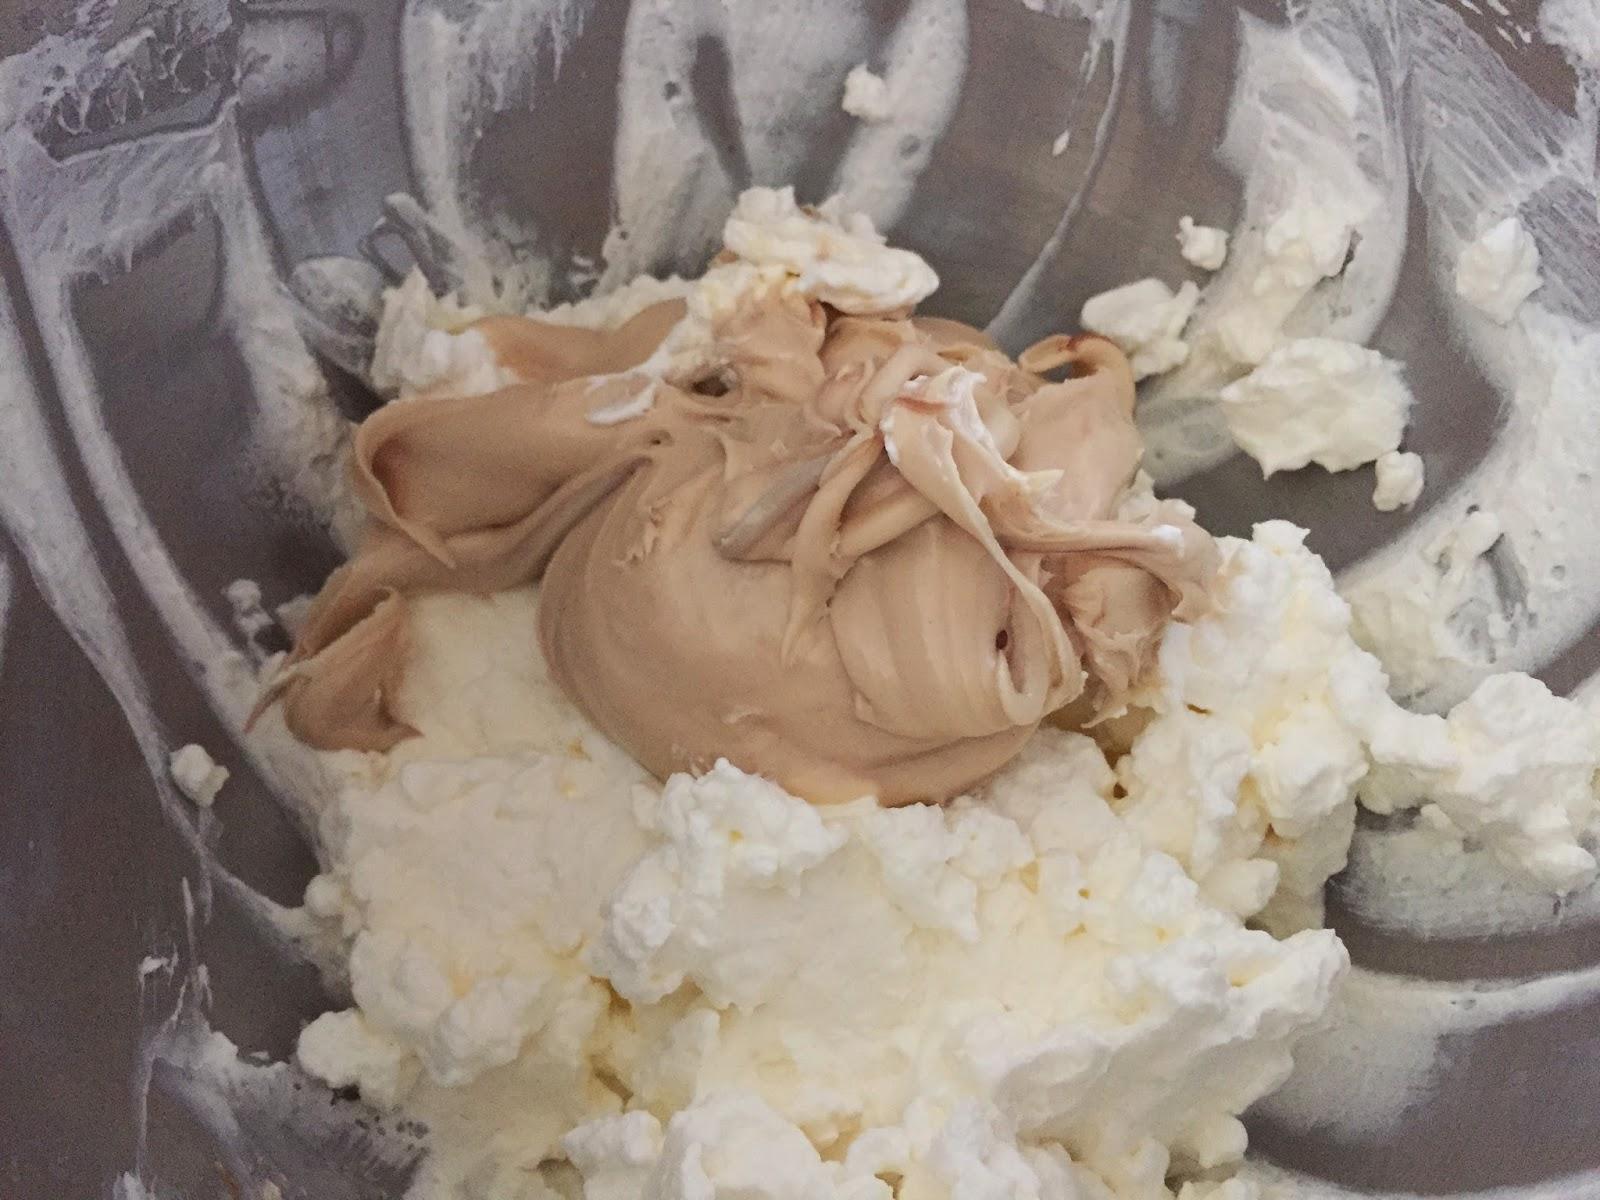 Cheesecake de nocilla blanca y frambuesas, añadiendo la nocilla blanca.